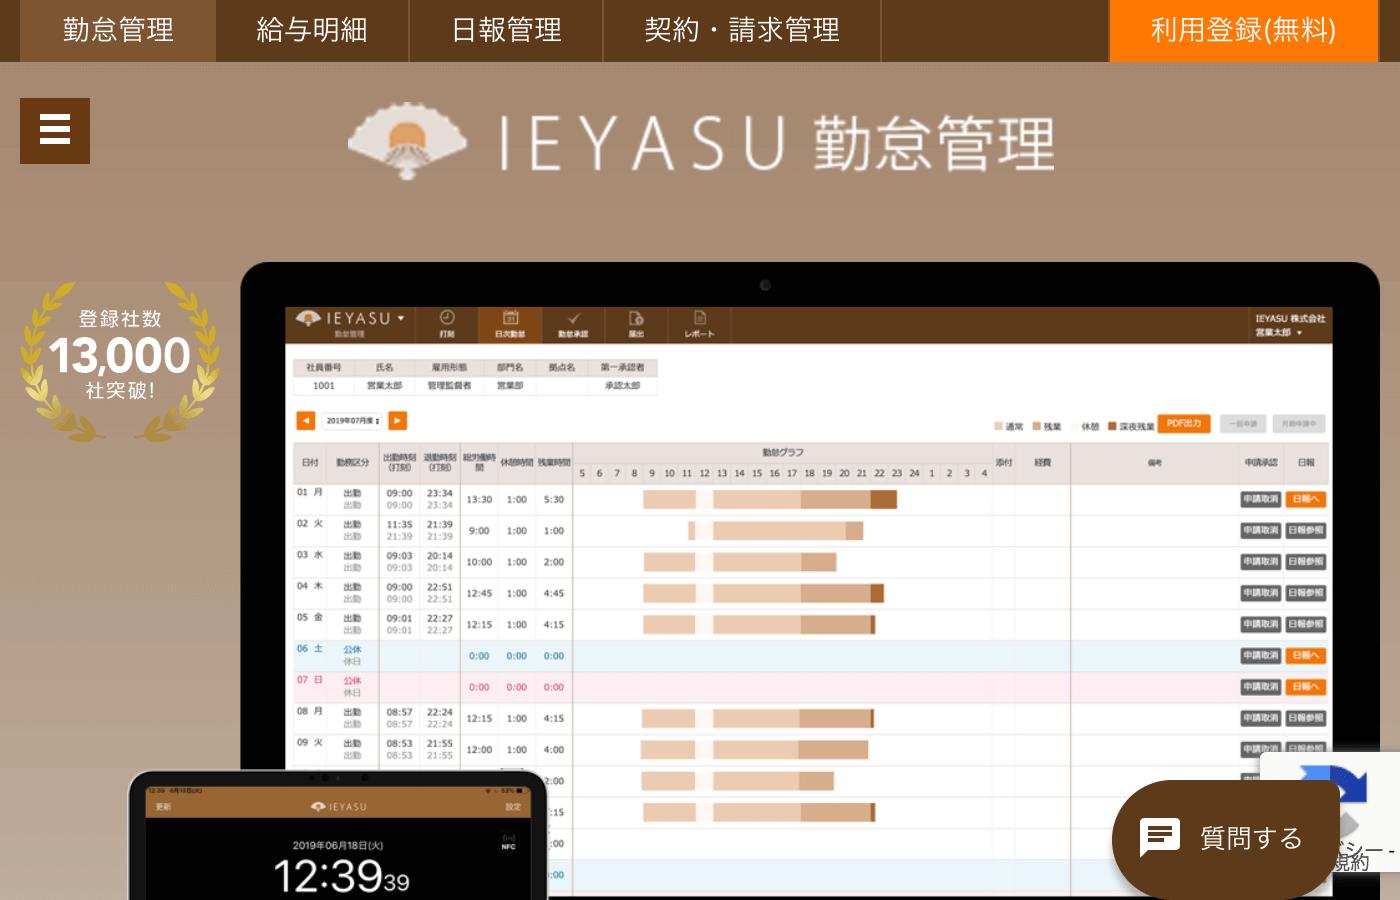 勤怠管理システム③:完全無料、確かな実績、簡単に使える勤怠管理ツール「IEYASU」